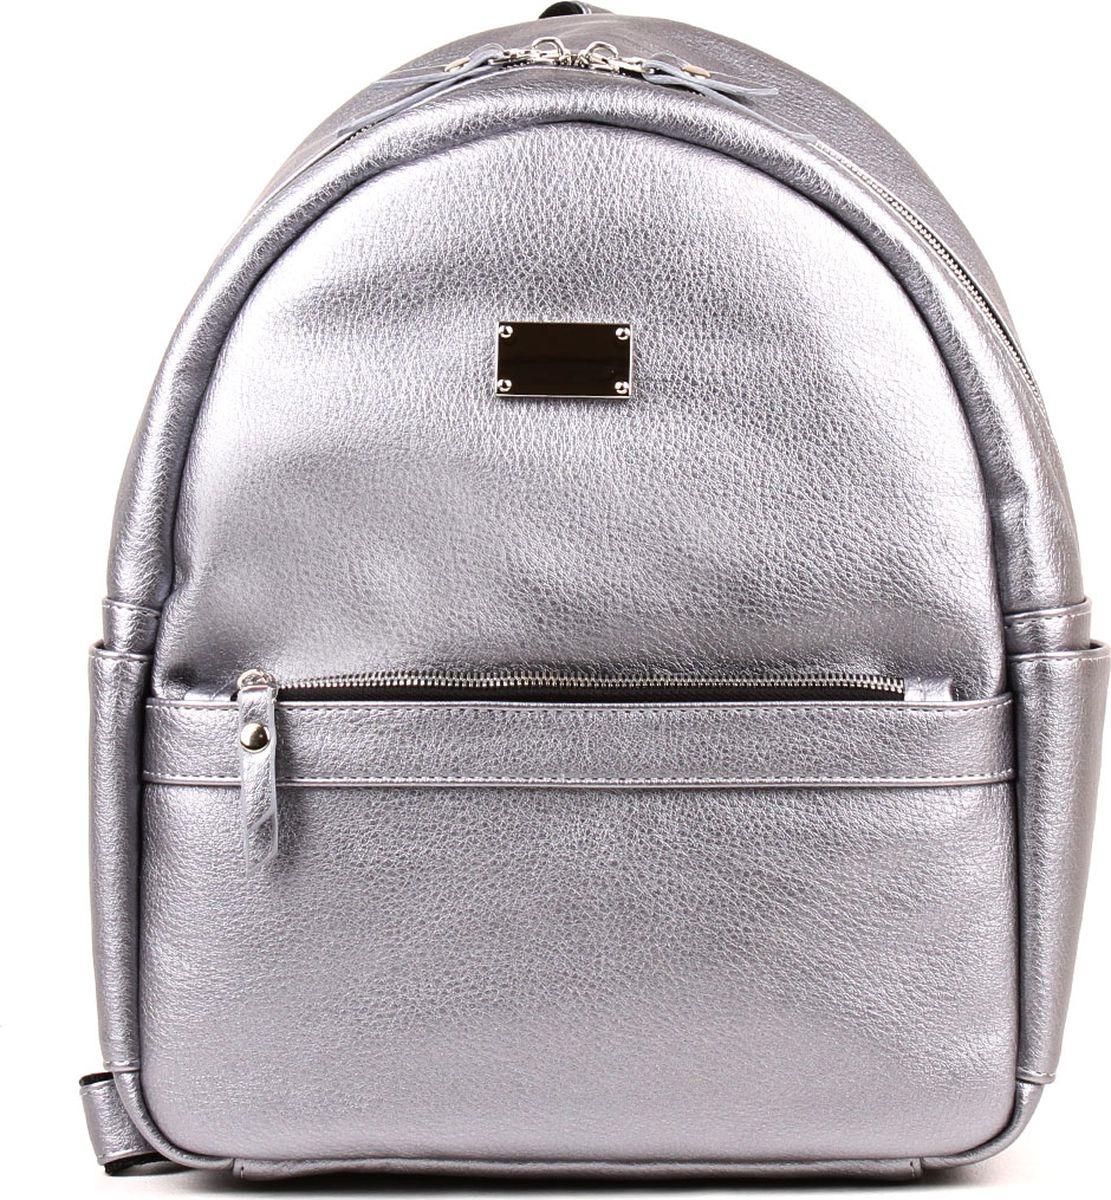 Рюкзак женский Медведково, 19с0436-к14, серебристый рюкзак женский медведково цвет бежевый 16с3880 к14